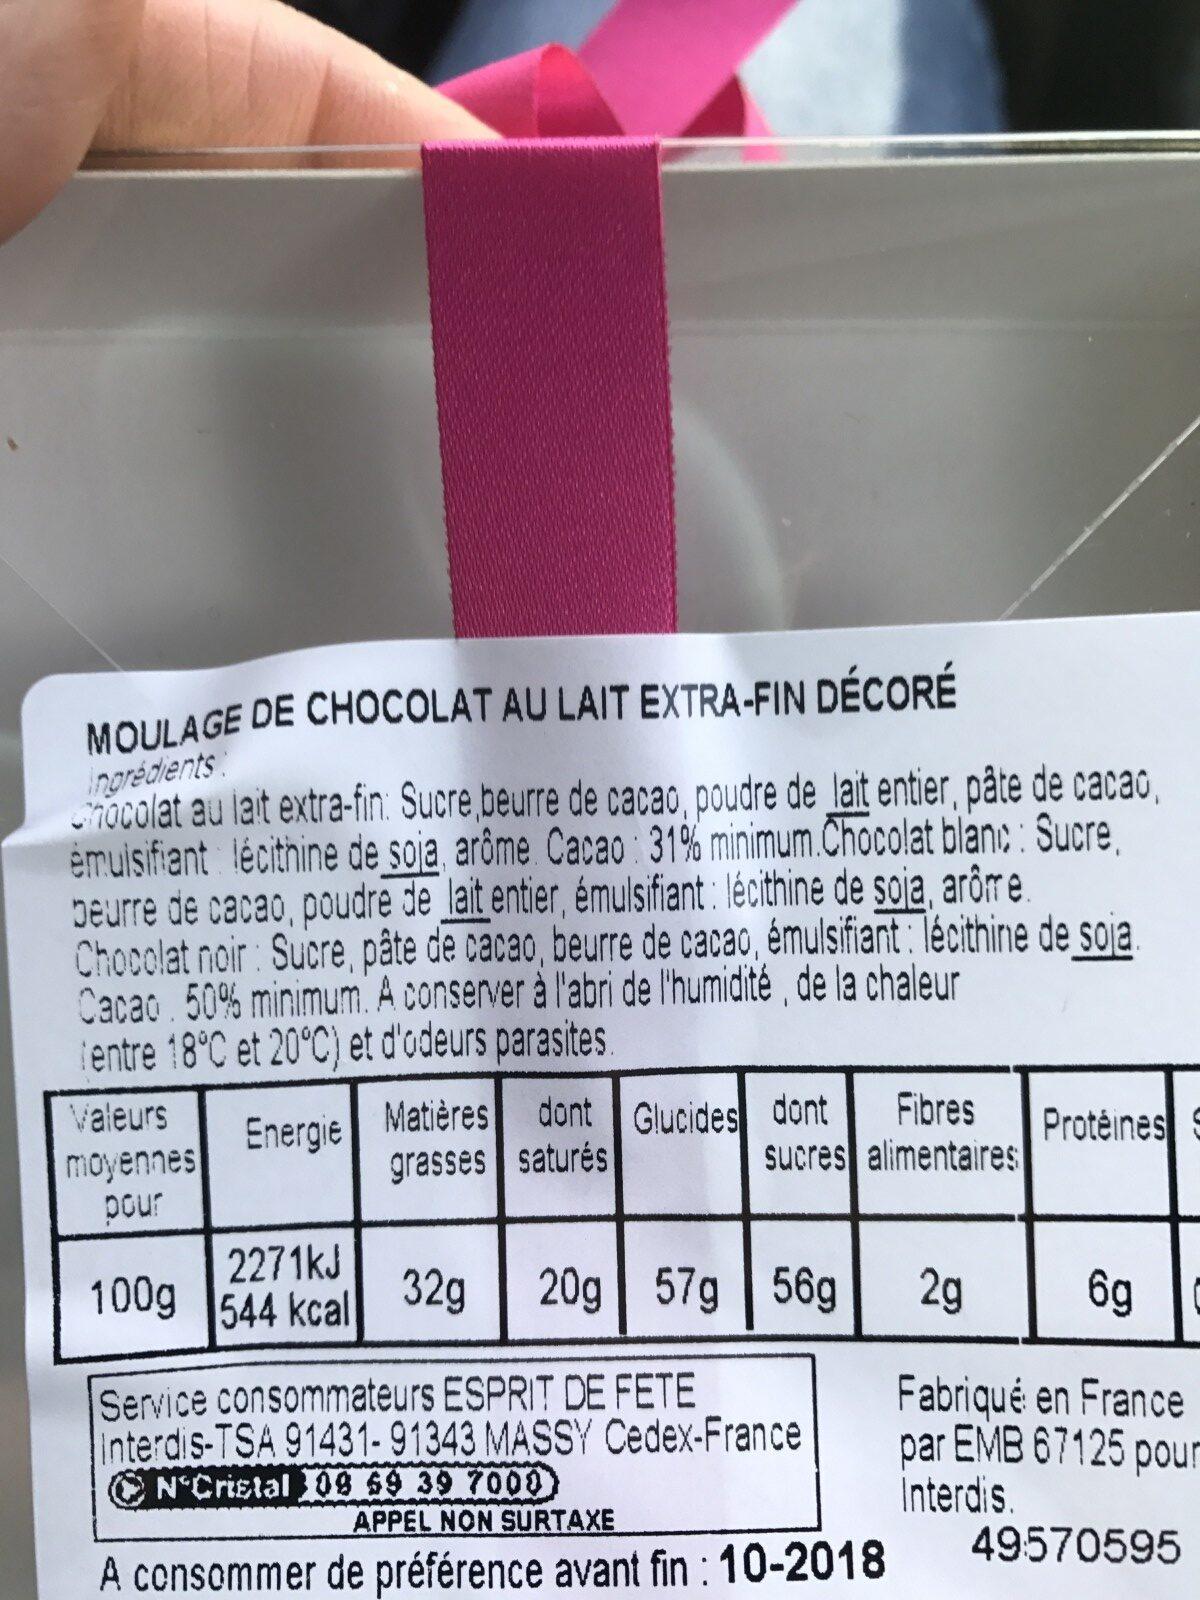 Chocolat lait pur beurre de cacao - Ingredients - fr